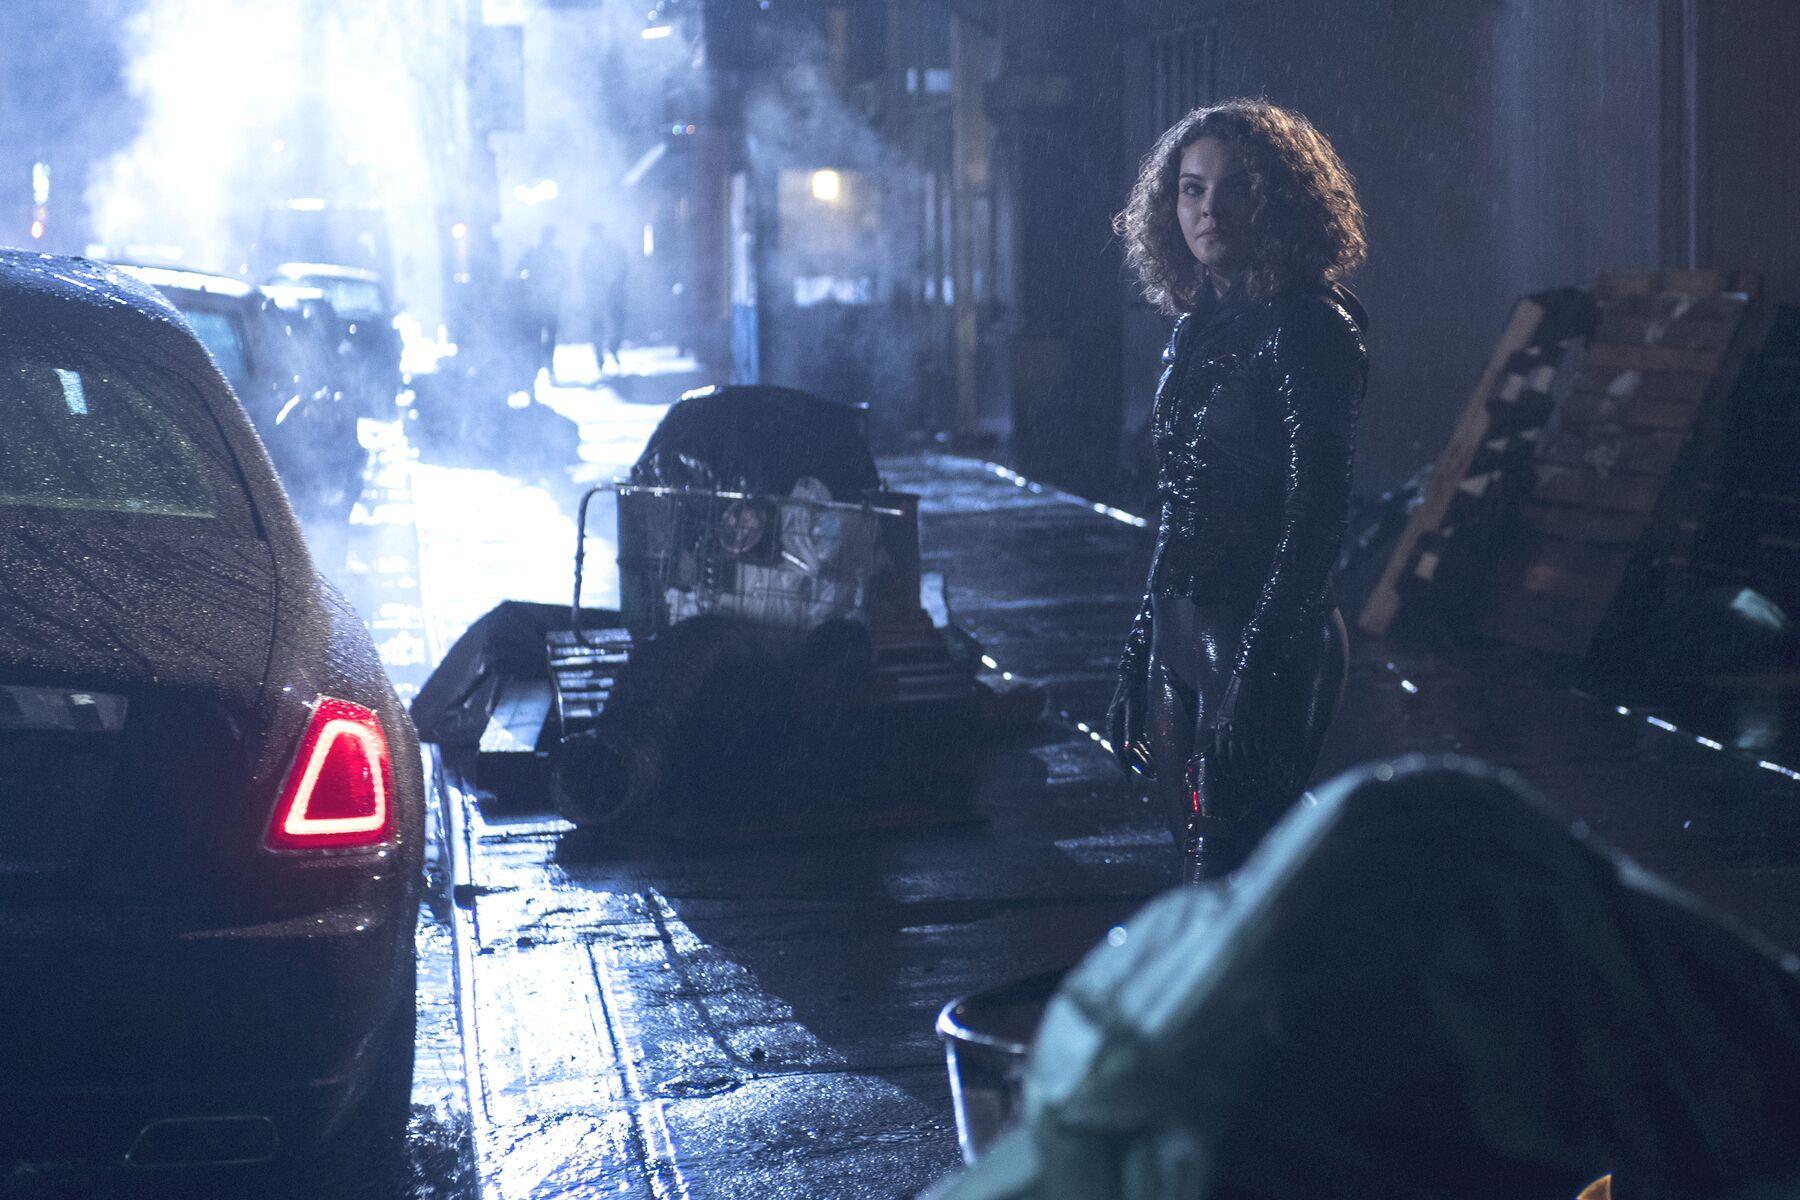 Camren Bicondova Gotham Season 4: Gotham Live Stream: Watch Season 4, Episode 16 Online